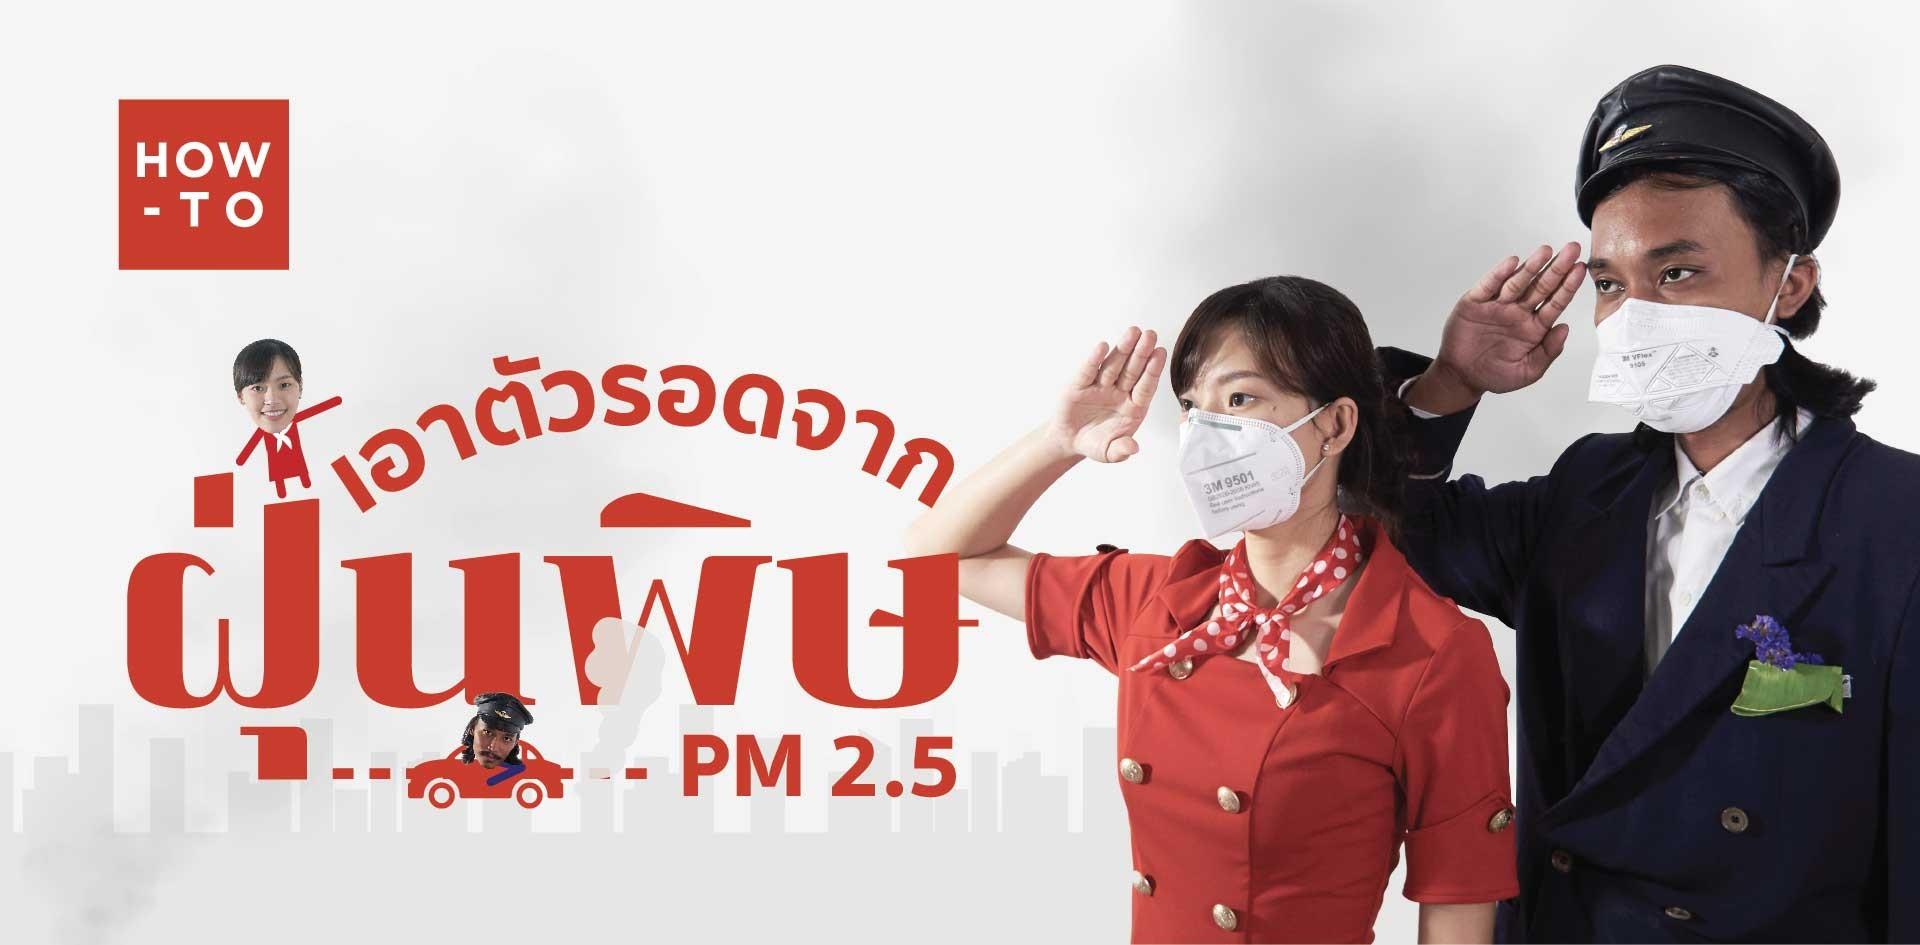 How-to วิธีป้องกันฝุ่น PM 2.5 เอาตัวรอดจากฝุ่นพิษในกรุงเทพ!